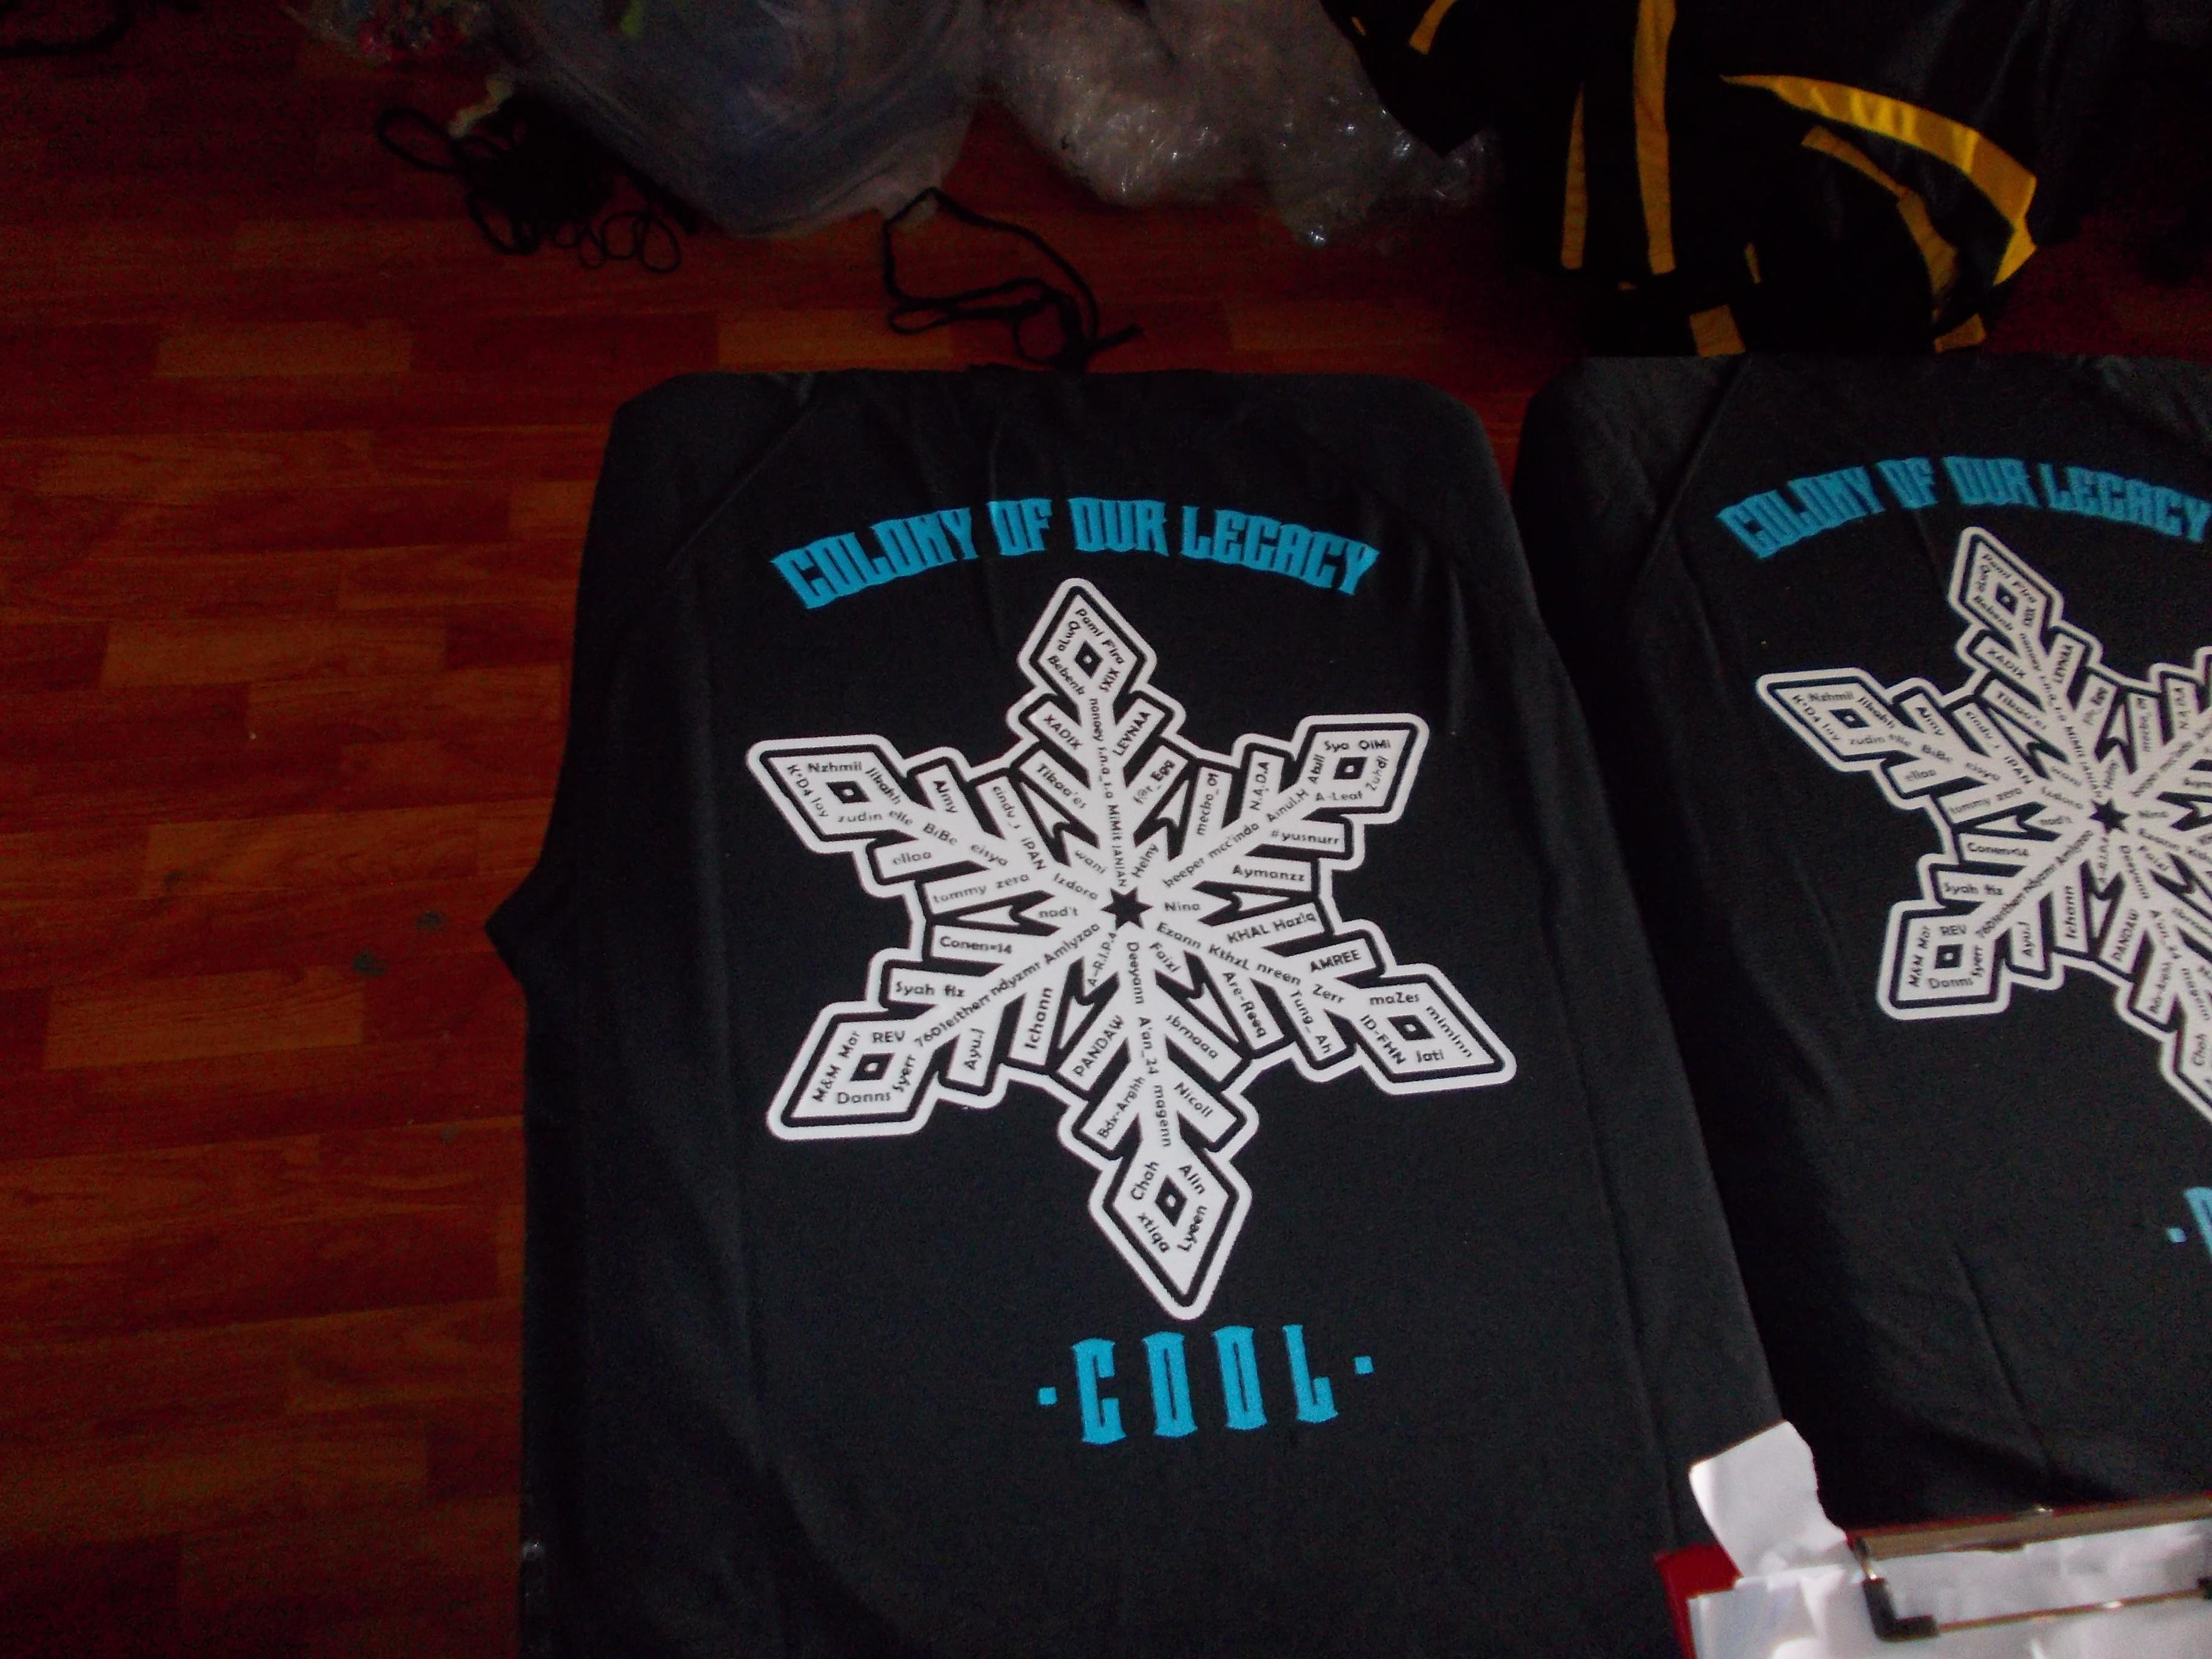 Designs contoh baju t shirt design baju berkolar shirt berkolar - Ini Tshirt Kelas Dari Sarawak Walaupun Pada Asalnya Design Dia Tak Jelas Pecah Bila Dibesarkan Tapi Bila Saya Upah Designer Saya Untuk Lukiskan Balik